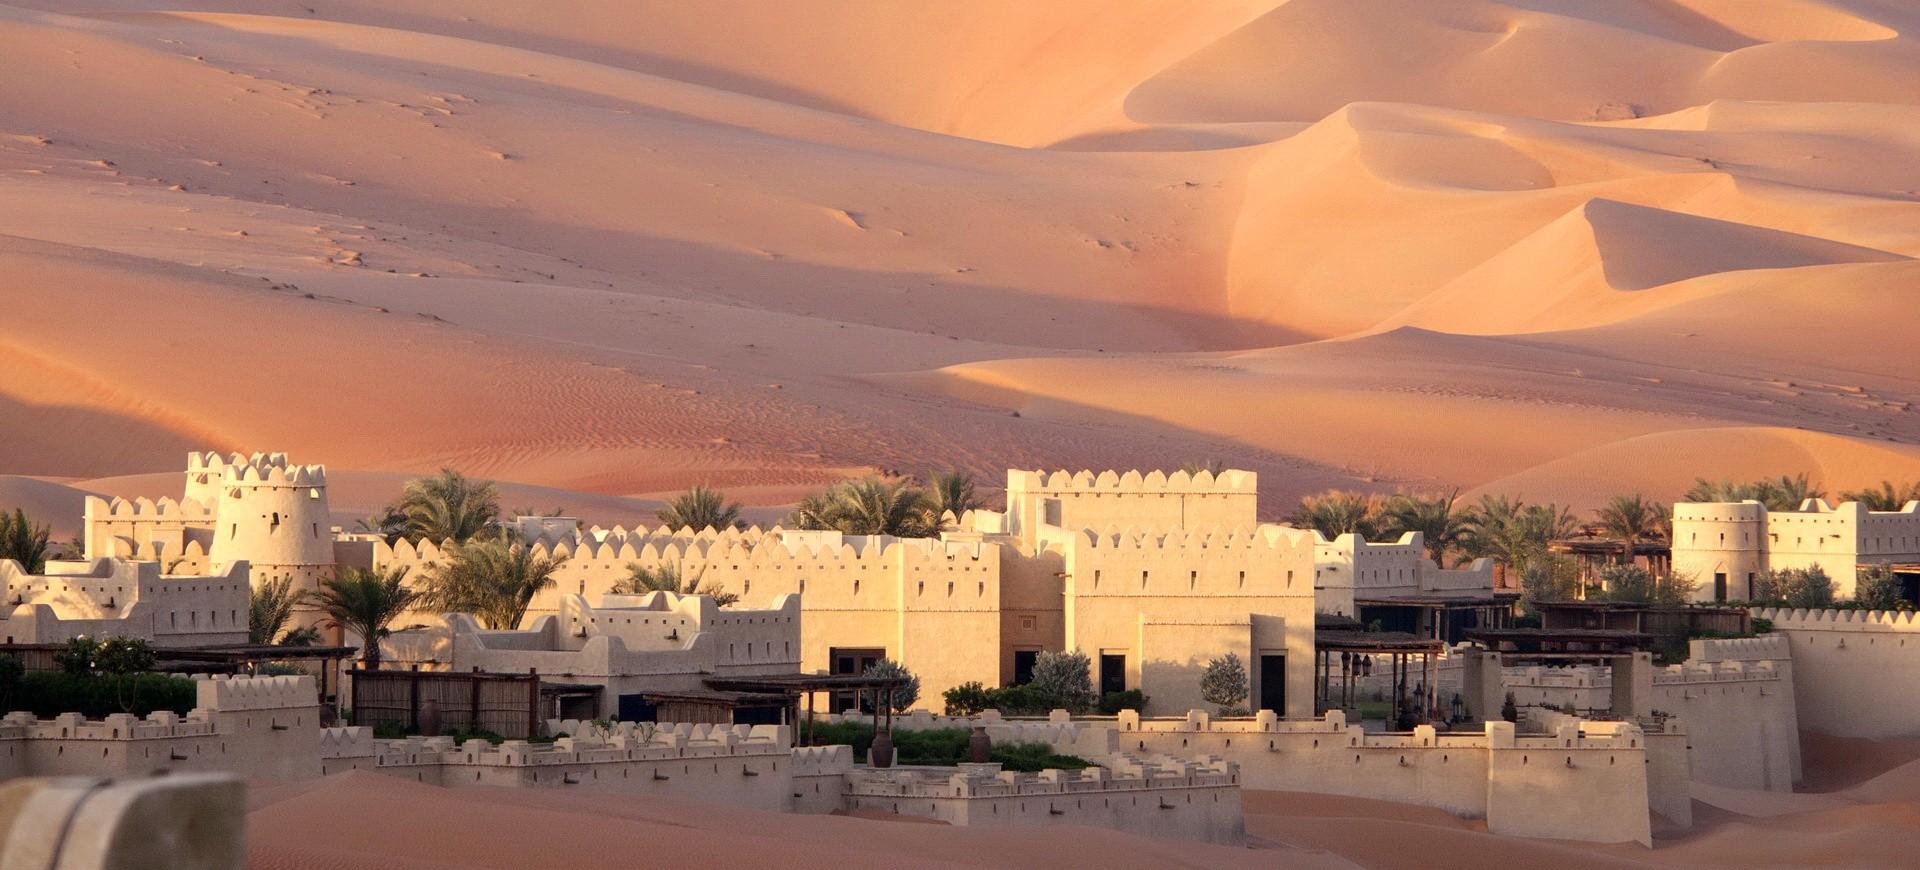 Maisons traditionnelles dans le désert de Wahiba à Oman